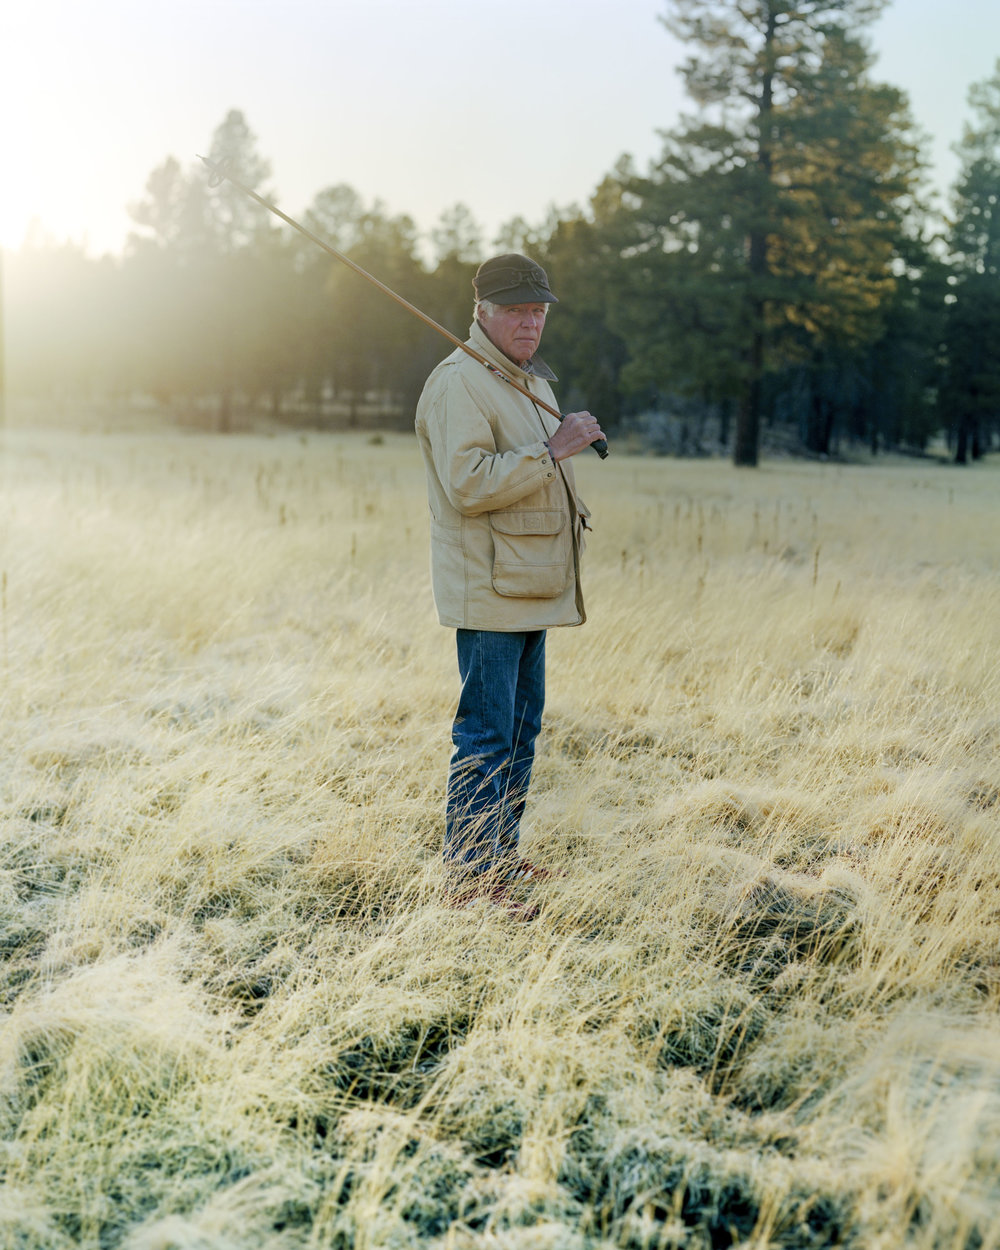 Cowboy_chaz in field035.jpg